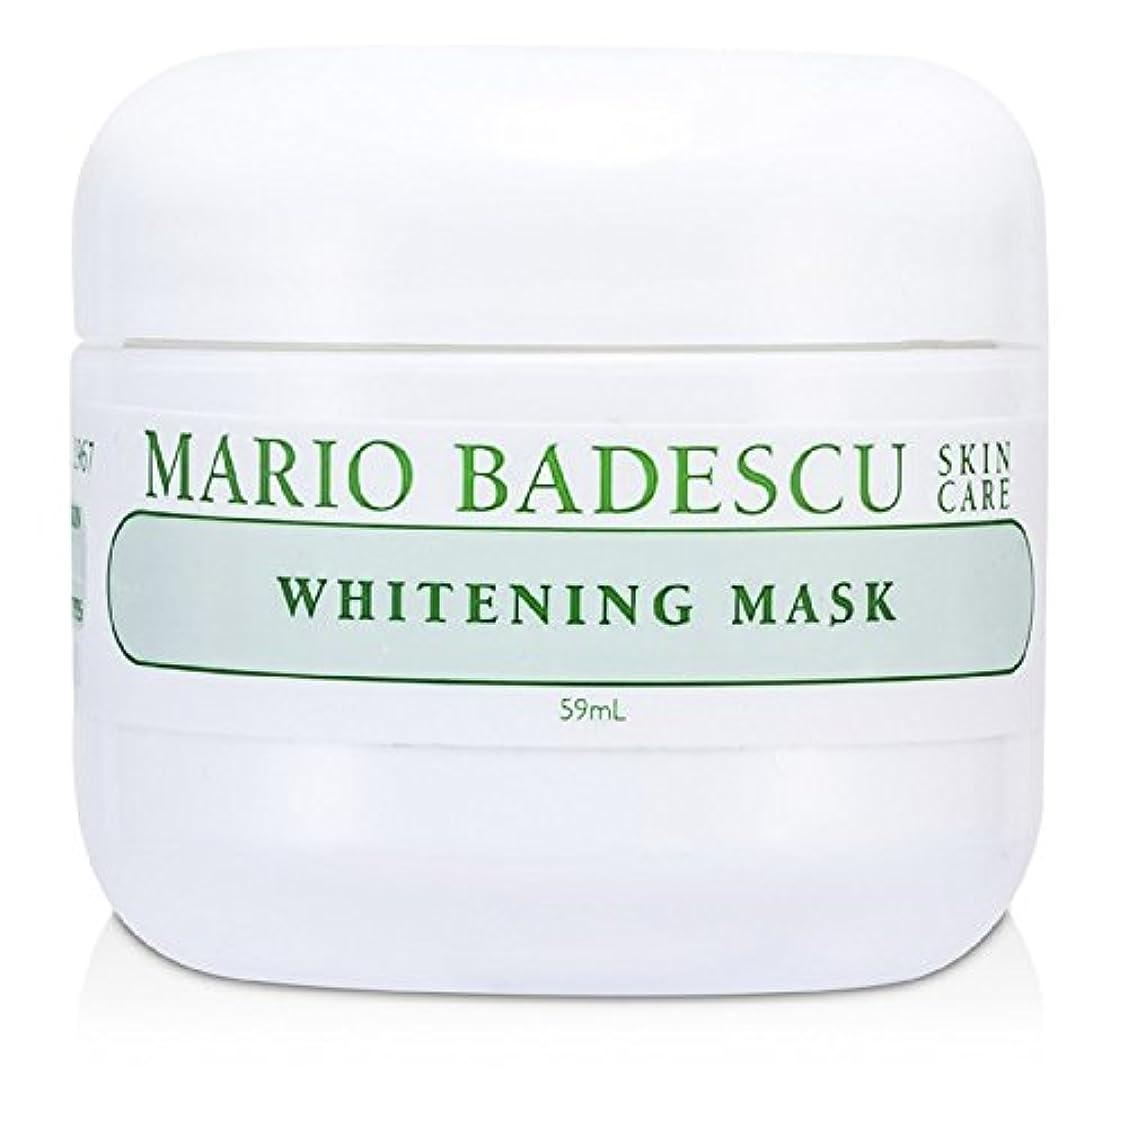 教科書キャンプ悲しいことにマリオ バデスク ホワイトニング マスク 59ml/2oz並行輸入品